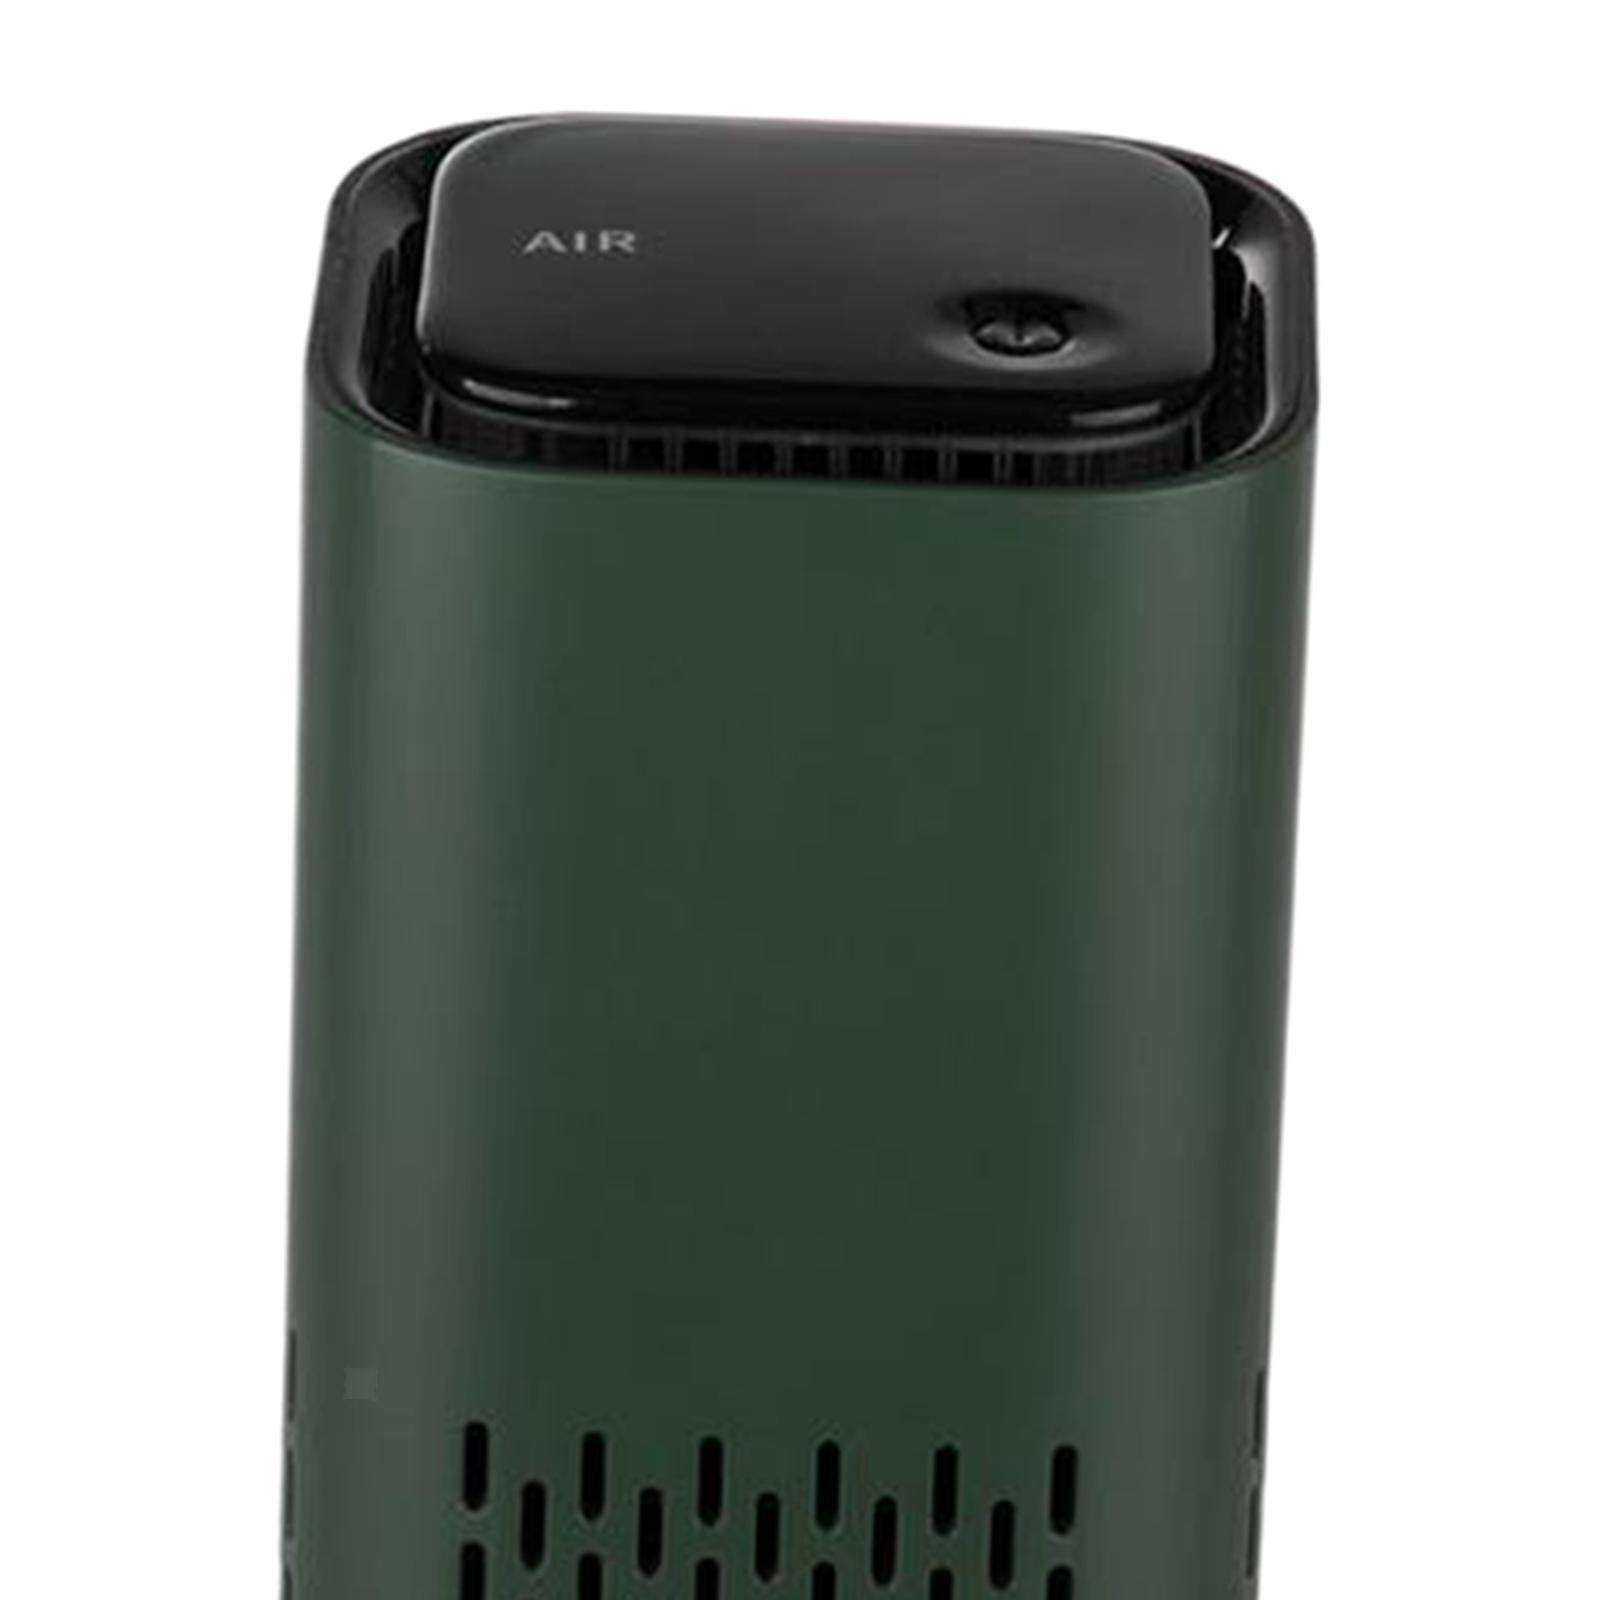 Indexbild 24 - Tragbare Mini Purifier für Hause Entfernen Rauch Pollen Luft Reiniger mit